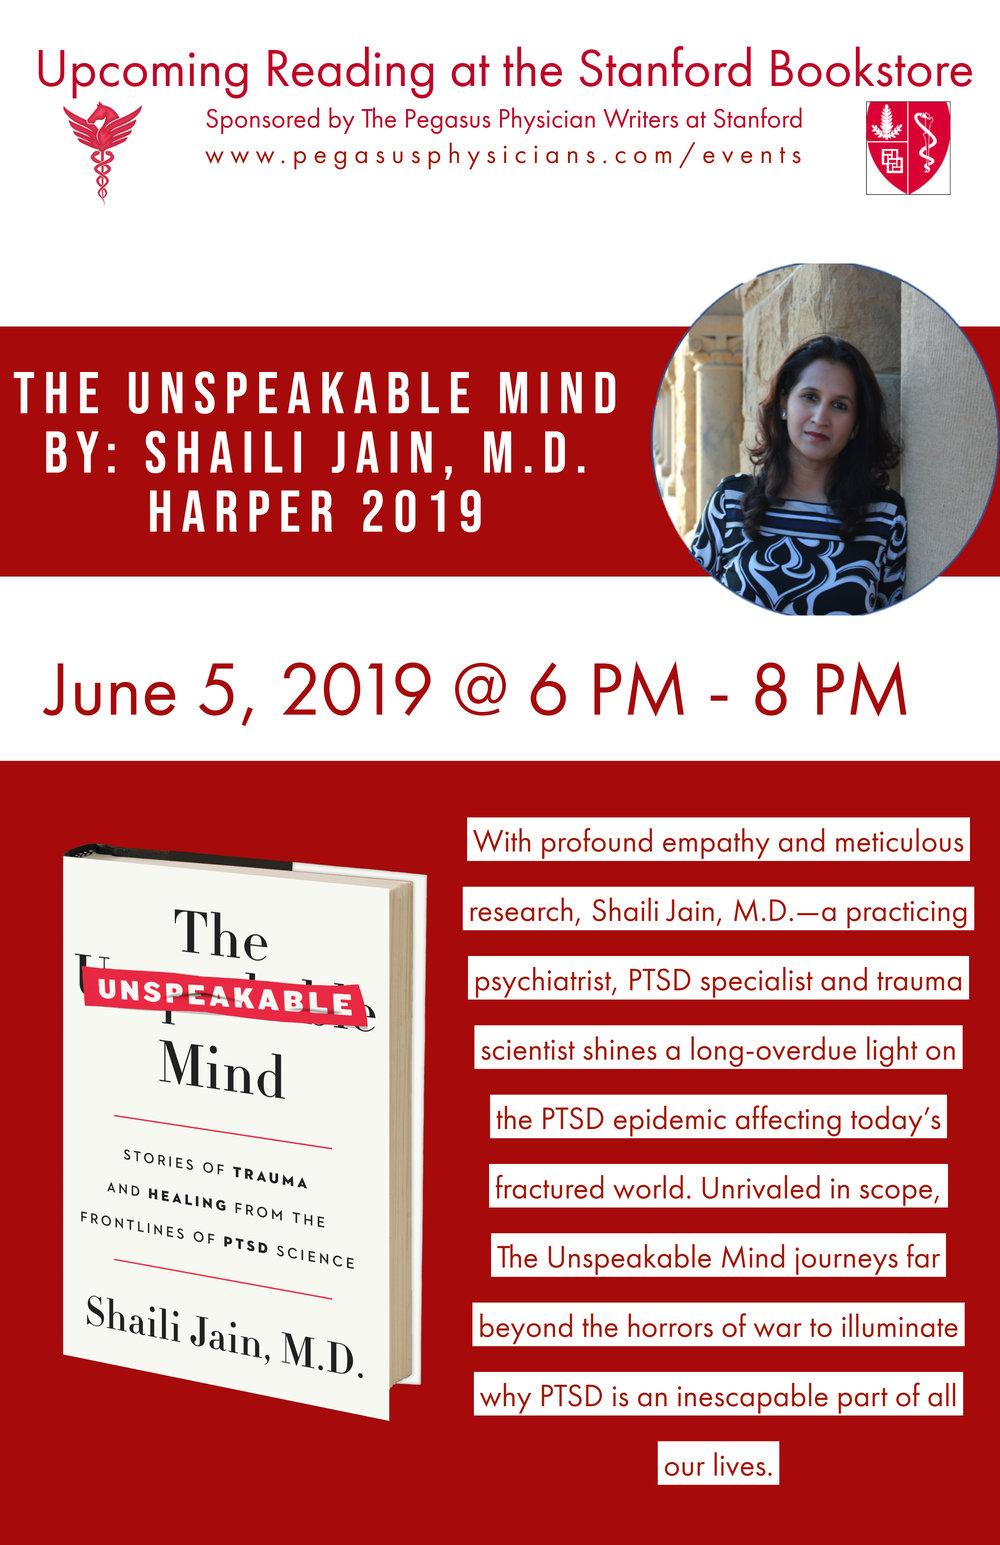 Shaili Jain Bookstore Reading_May 29.jpg